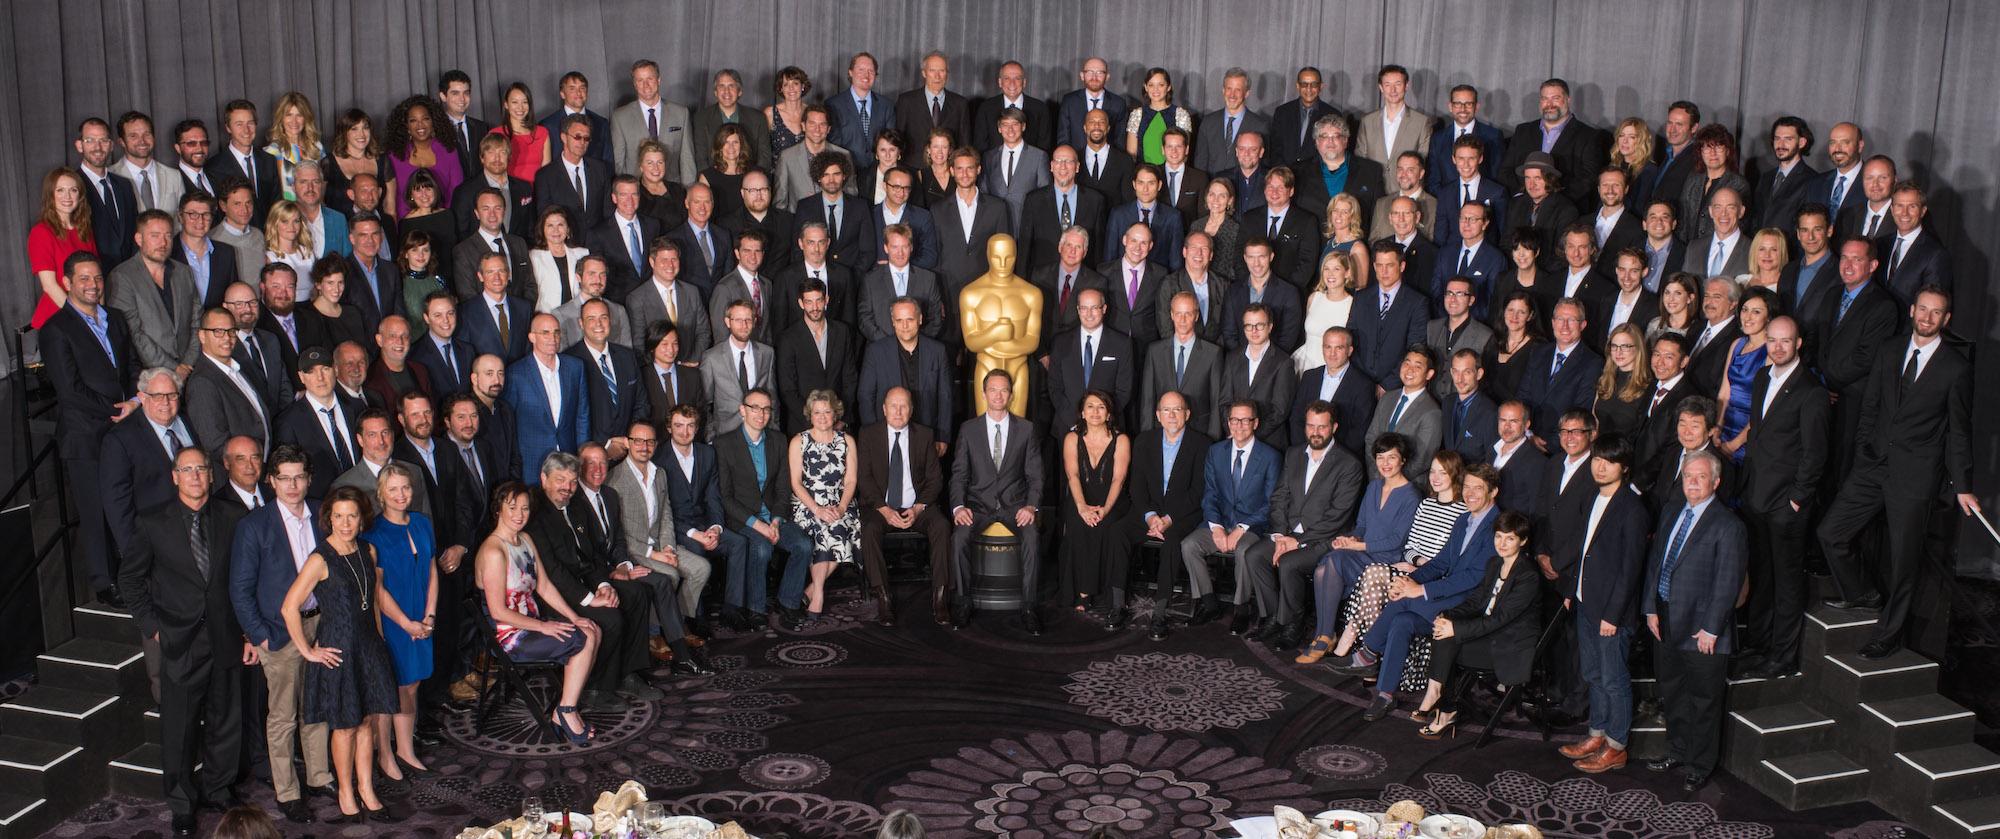 Imagem para Cinema 2018 mostra todos os indicados ao Oscar 2015 - são cerca de 150 pessoas, apenas três negras